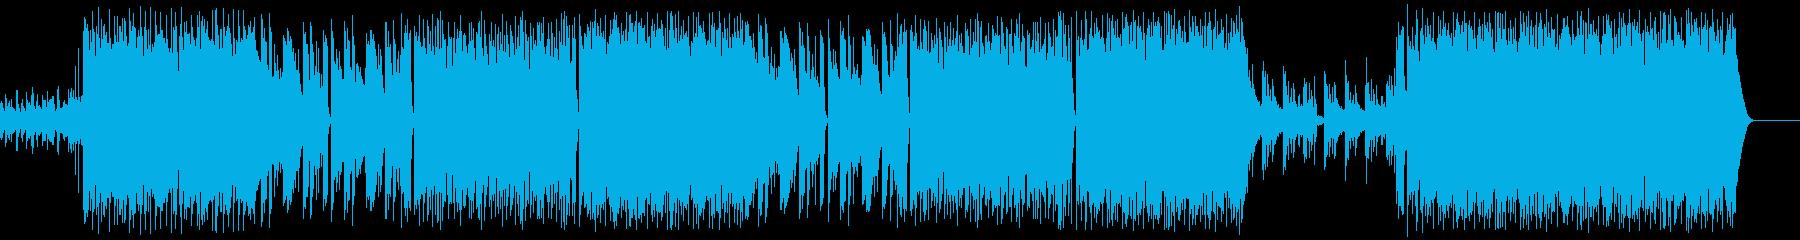 ギター/ストリングス/ヒップホップ/3の再生済みの波形